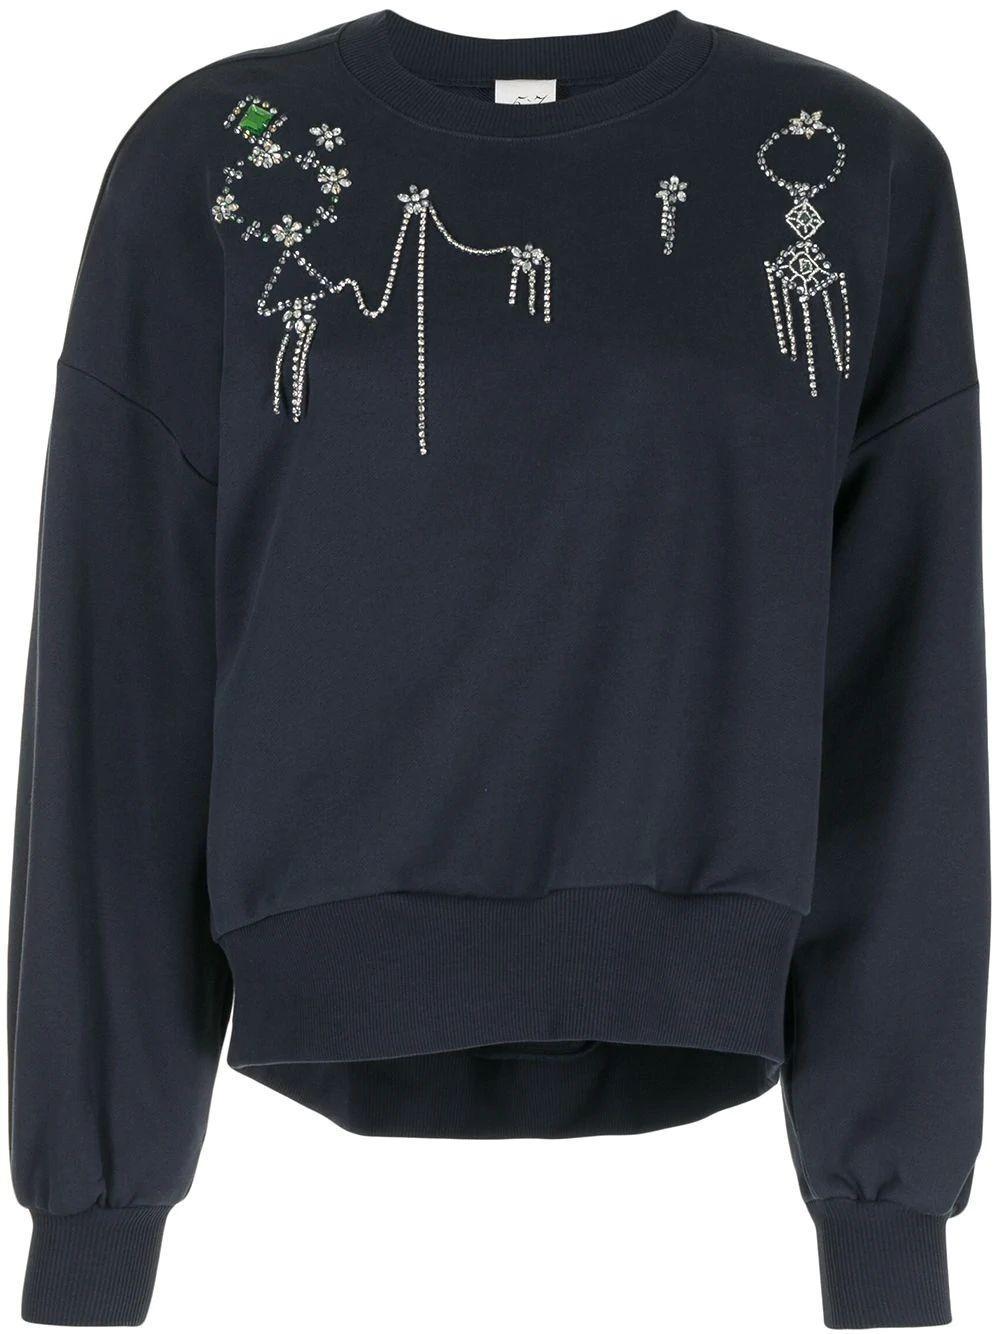 Blaire Embellished Sweatshirt